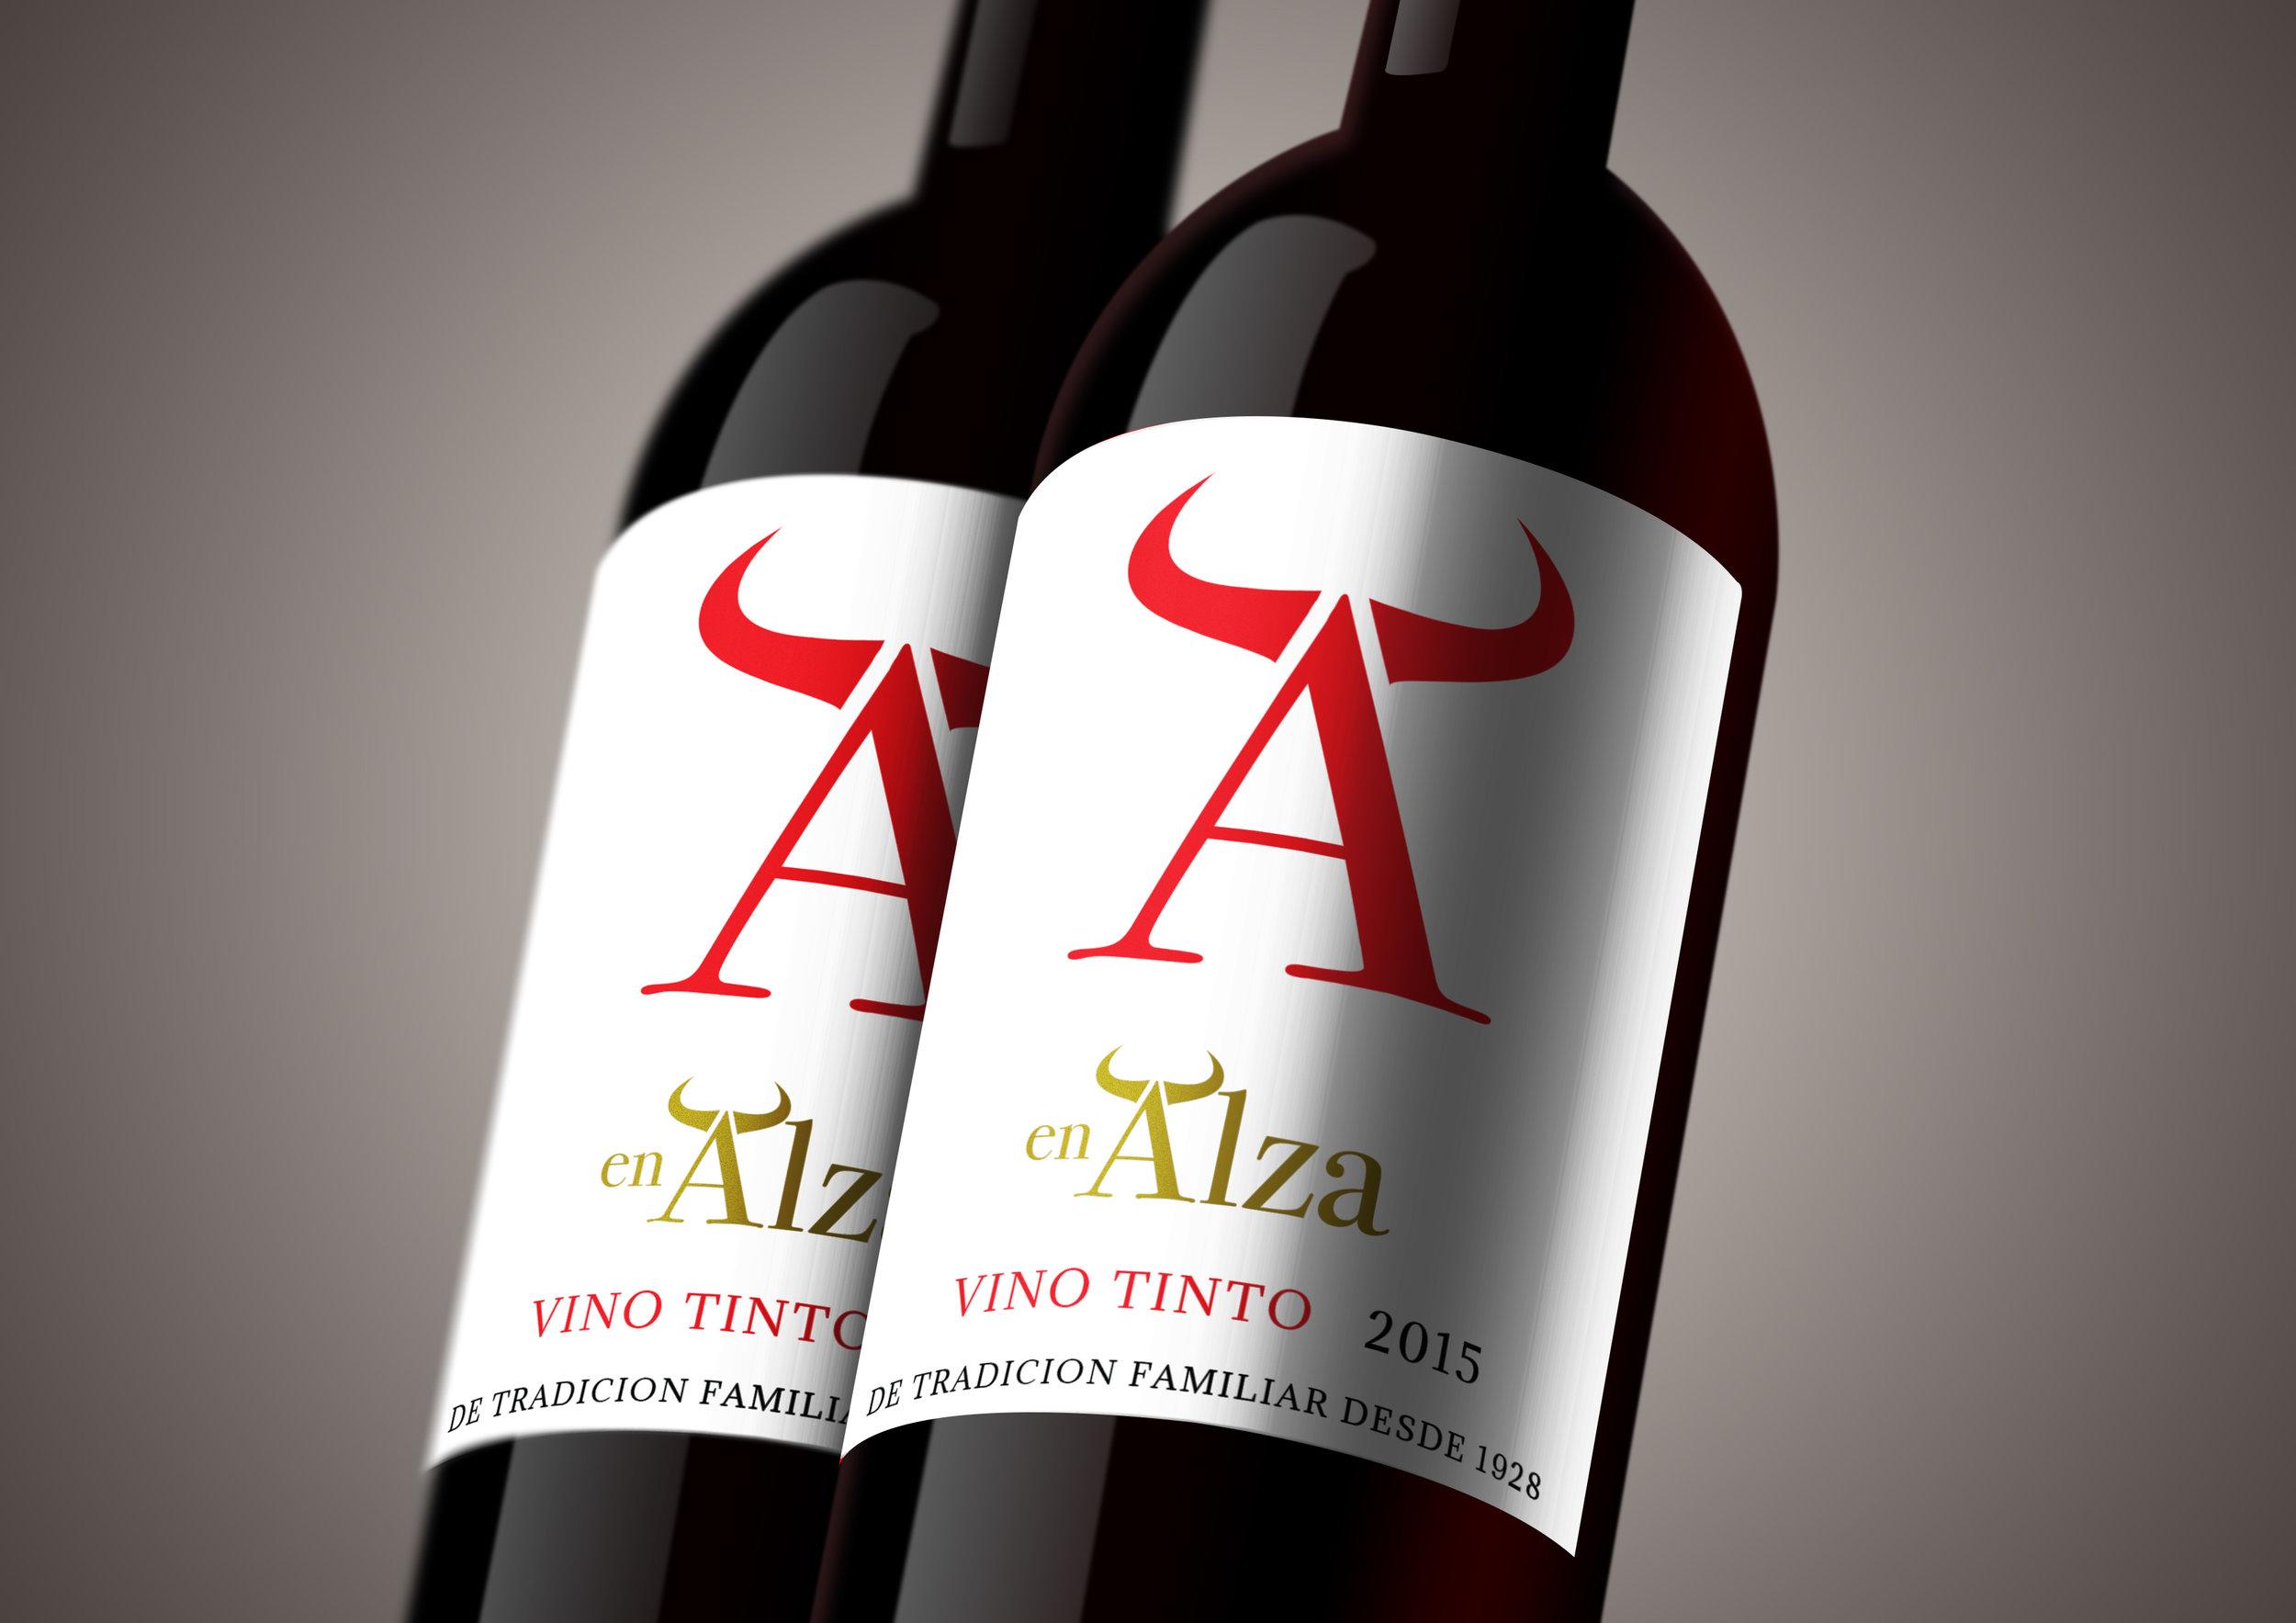 EnAlza 2 bottle shot.jpg